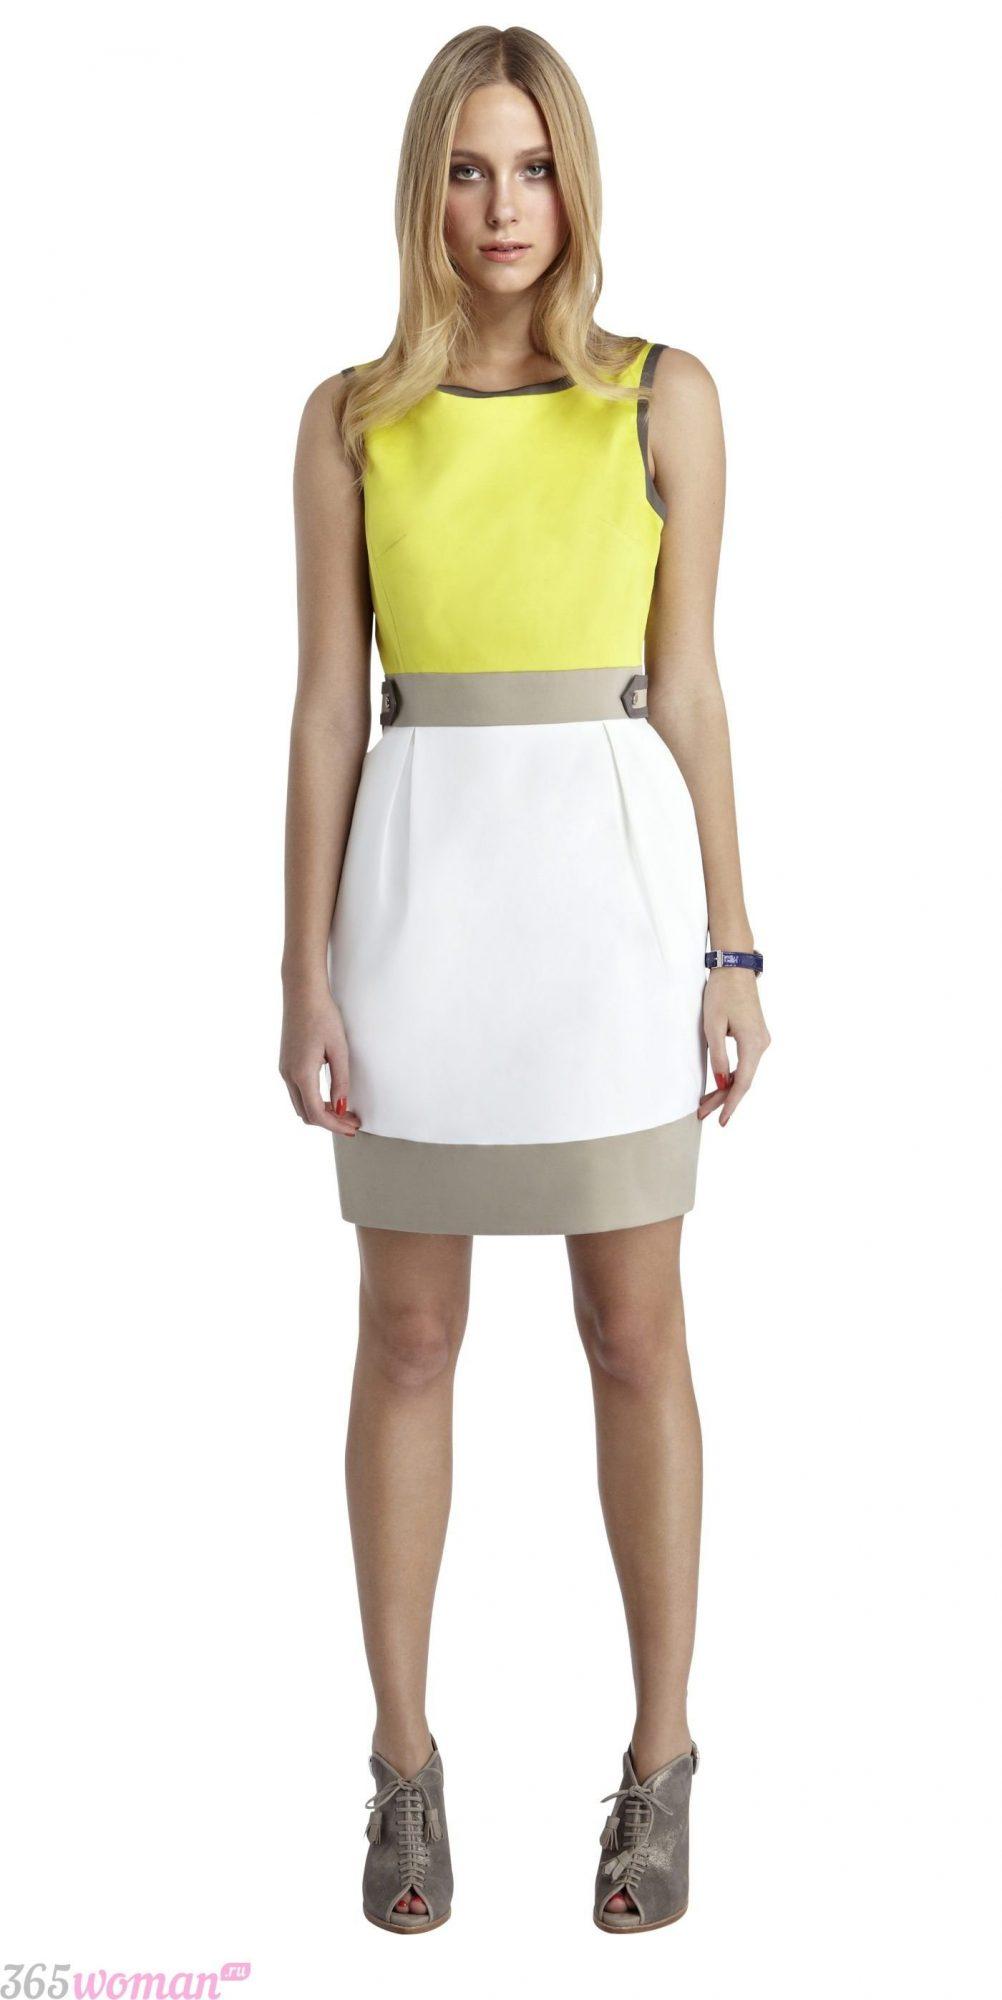 в каком цвете встречать новый год: цветное платье с желтой вставкой